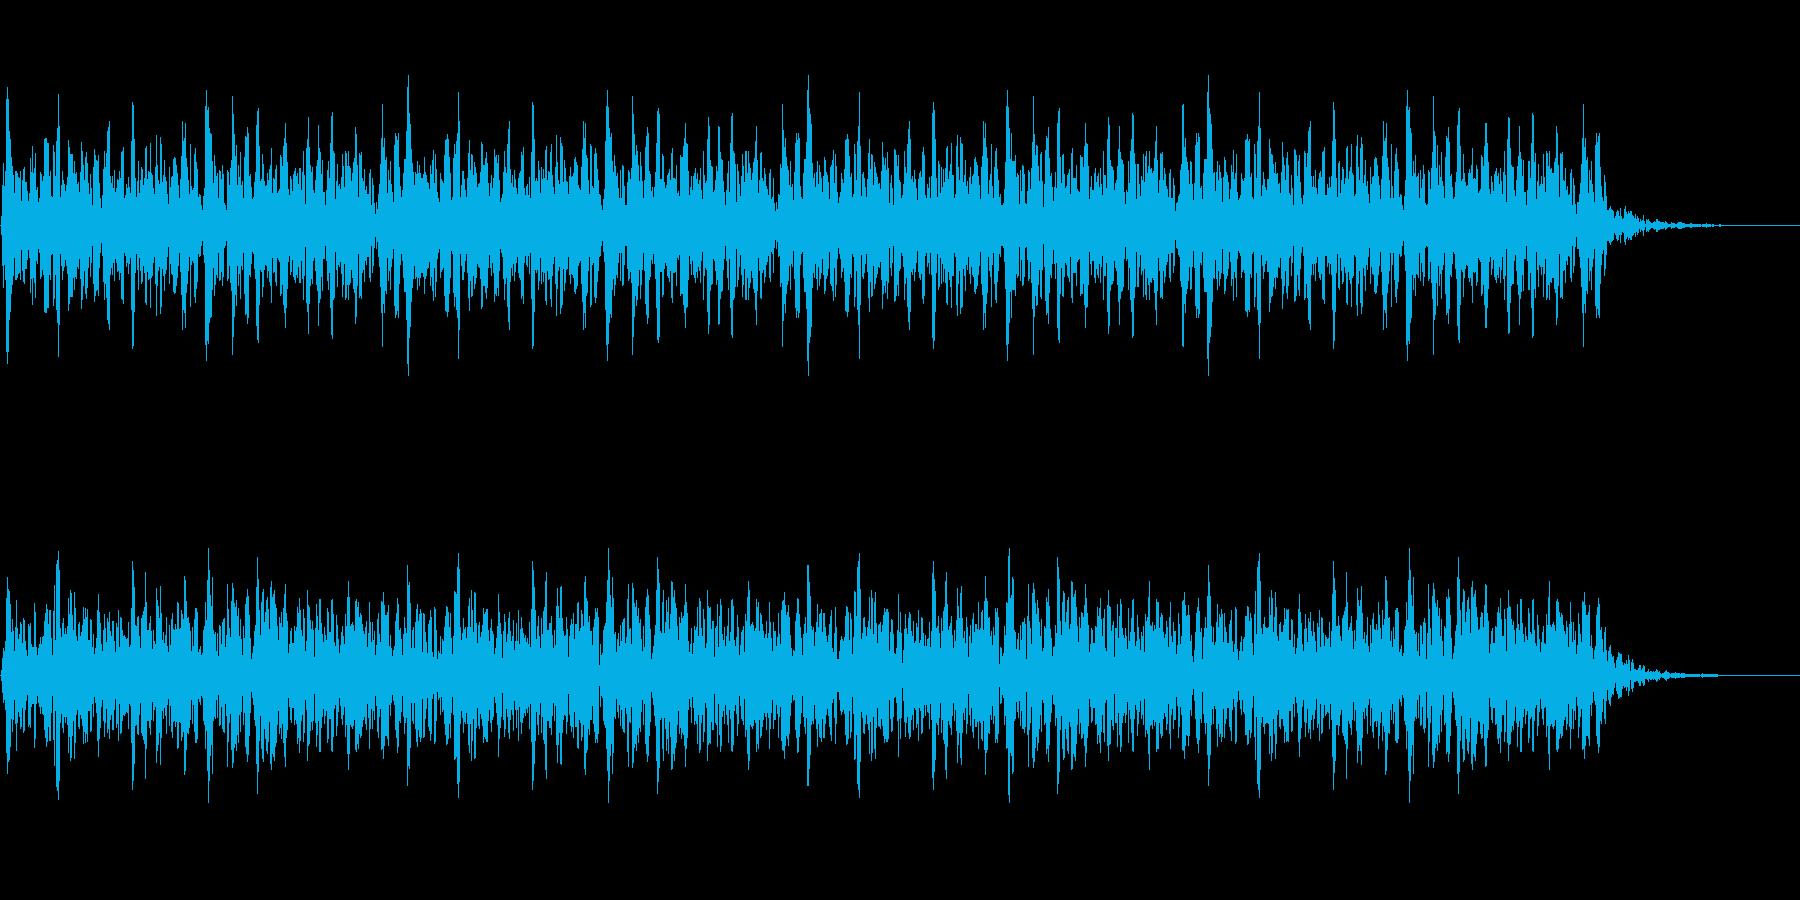 太鼓 躍動的 迫力 効果音 パターン#5の再生済みの波形